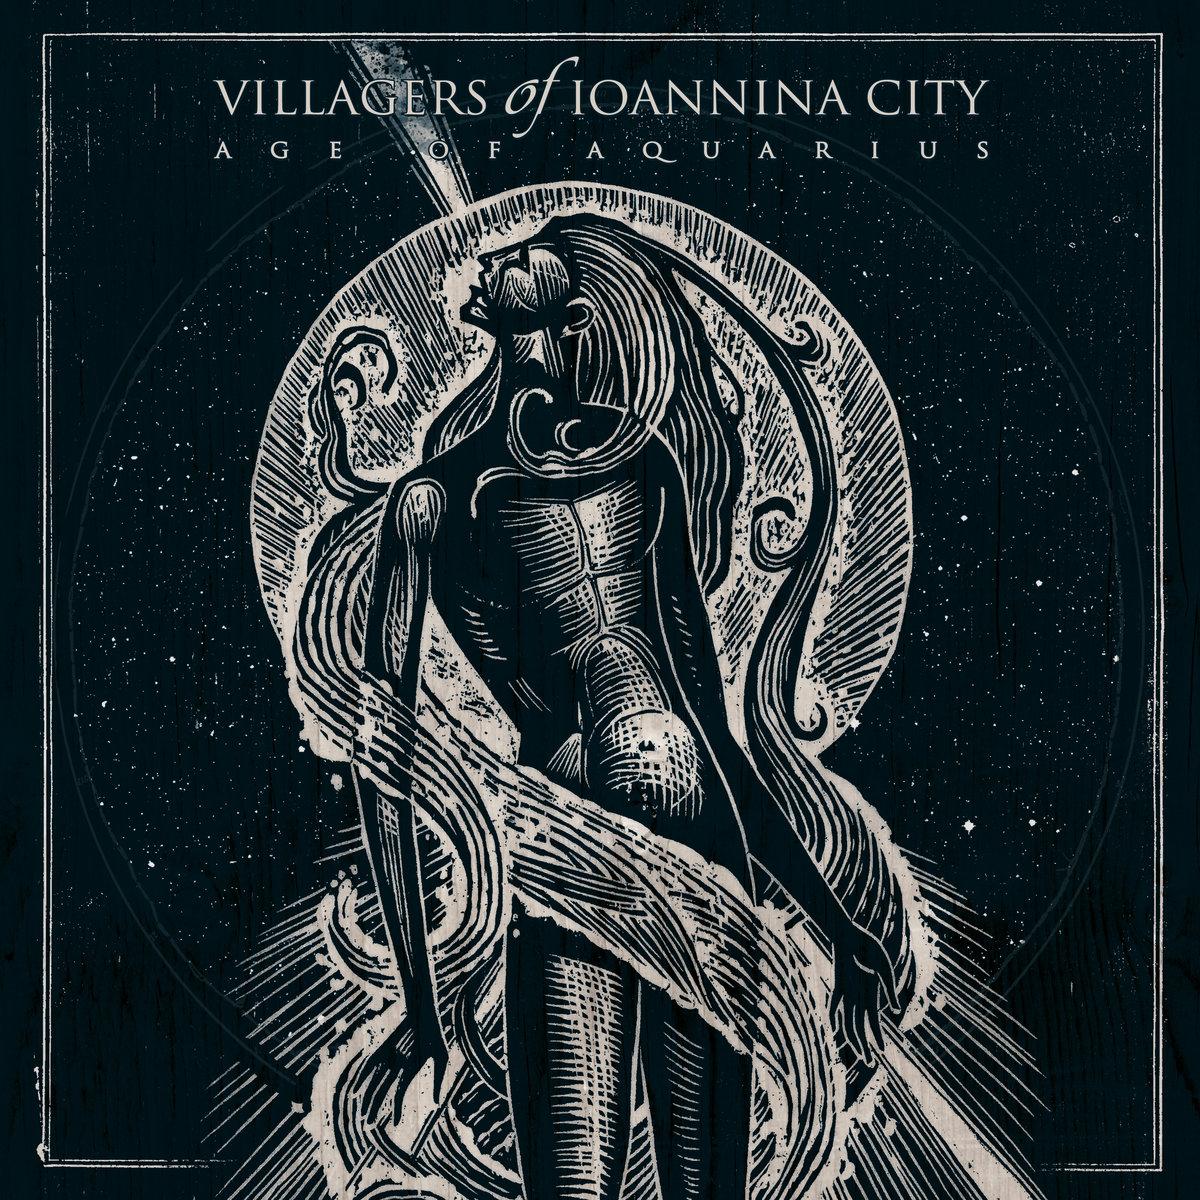 VILLAGERS OF IOANNINA CITY dévoile la lyric vidéo de la chanson «Age of Aquarius»